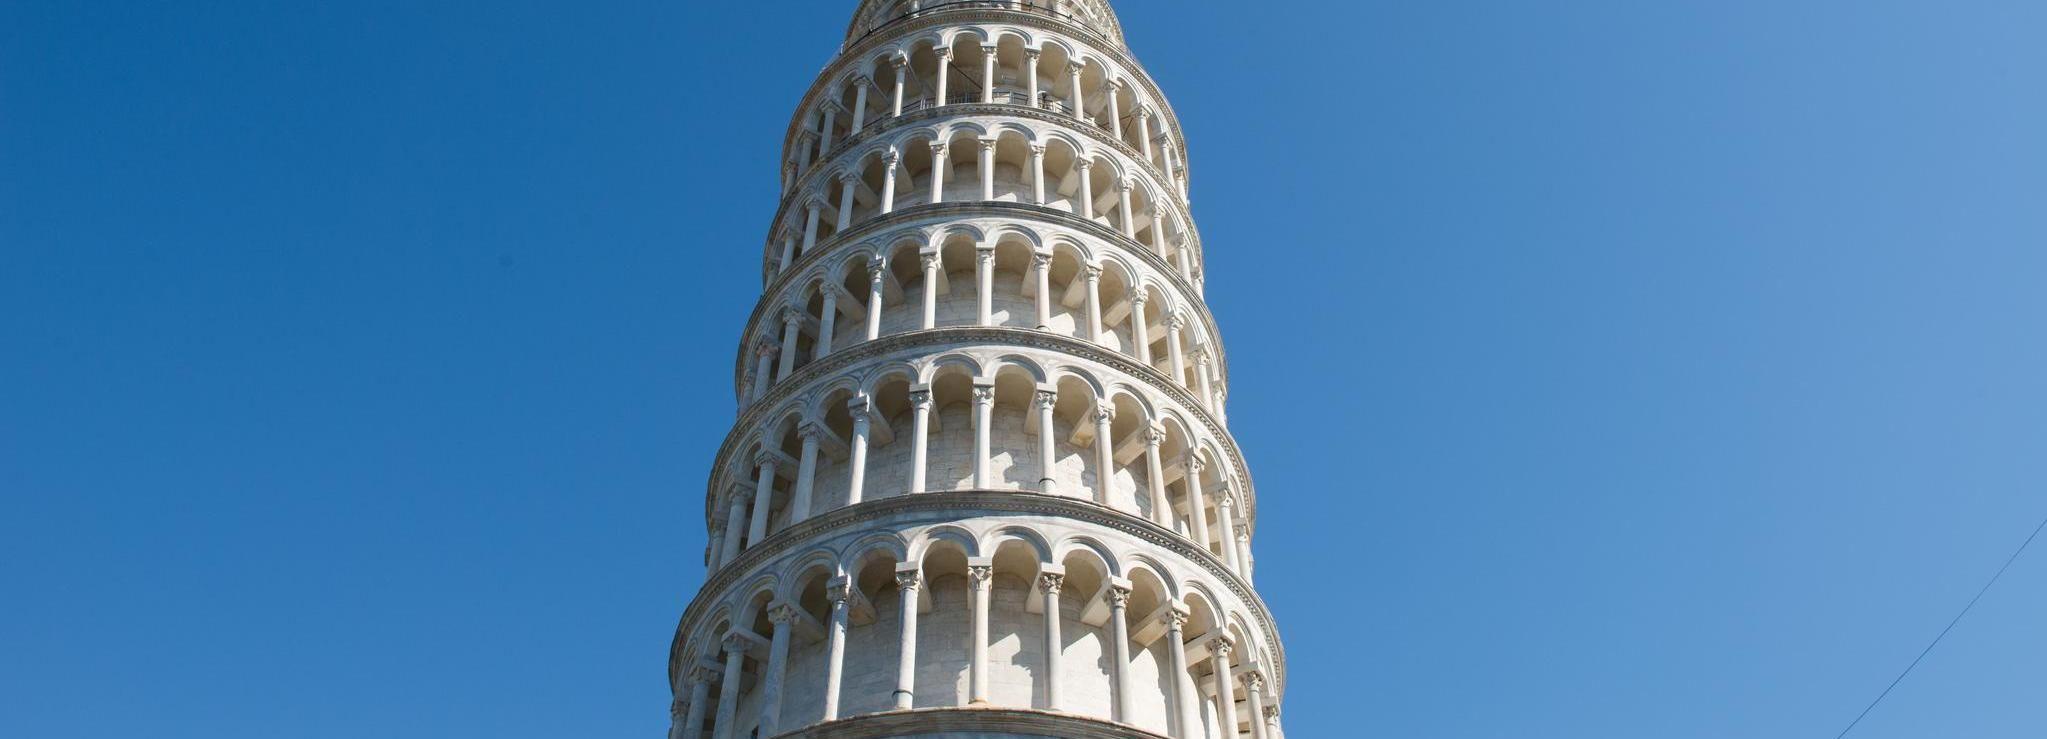 Ab Florenz: Halbtagestour nach Pisa mit schiefem Turm